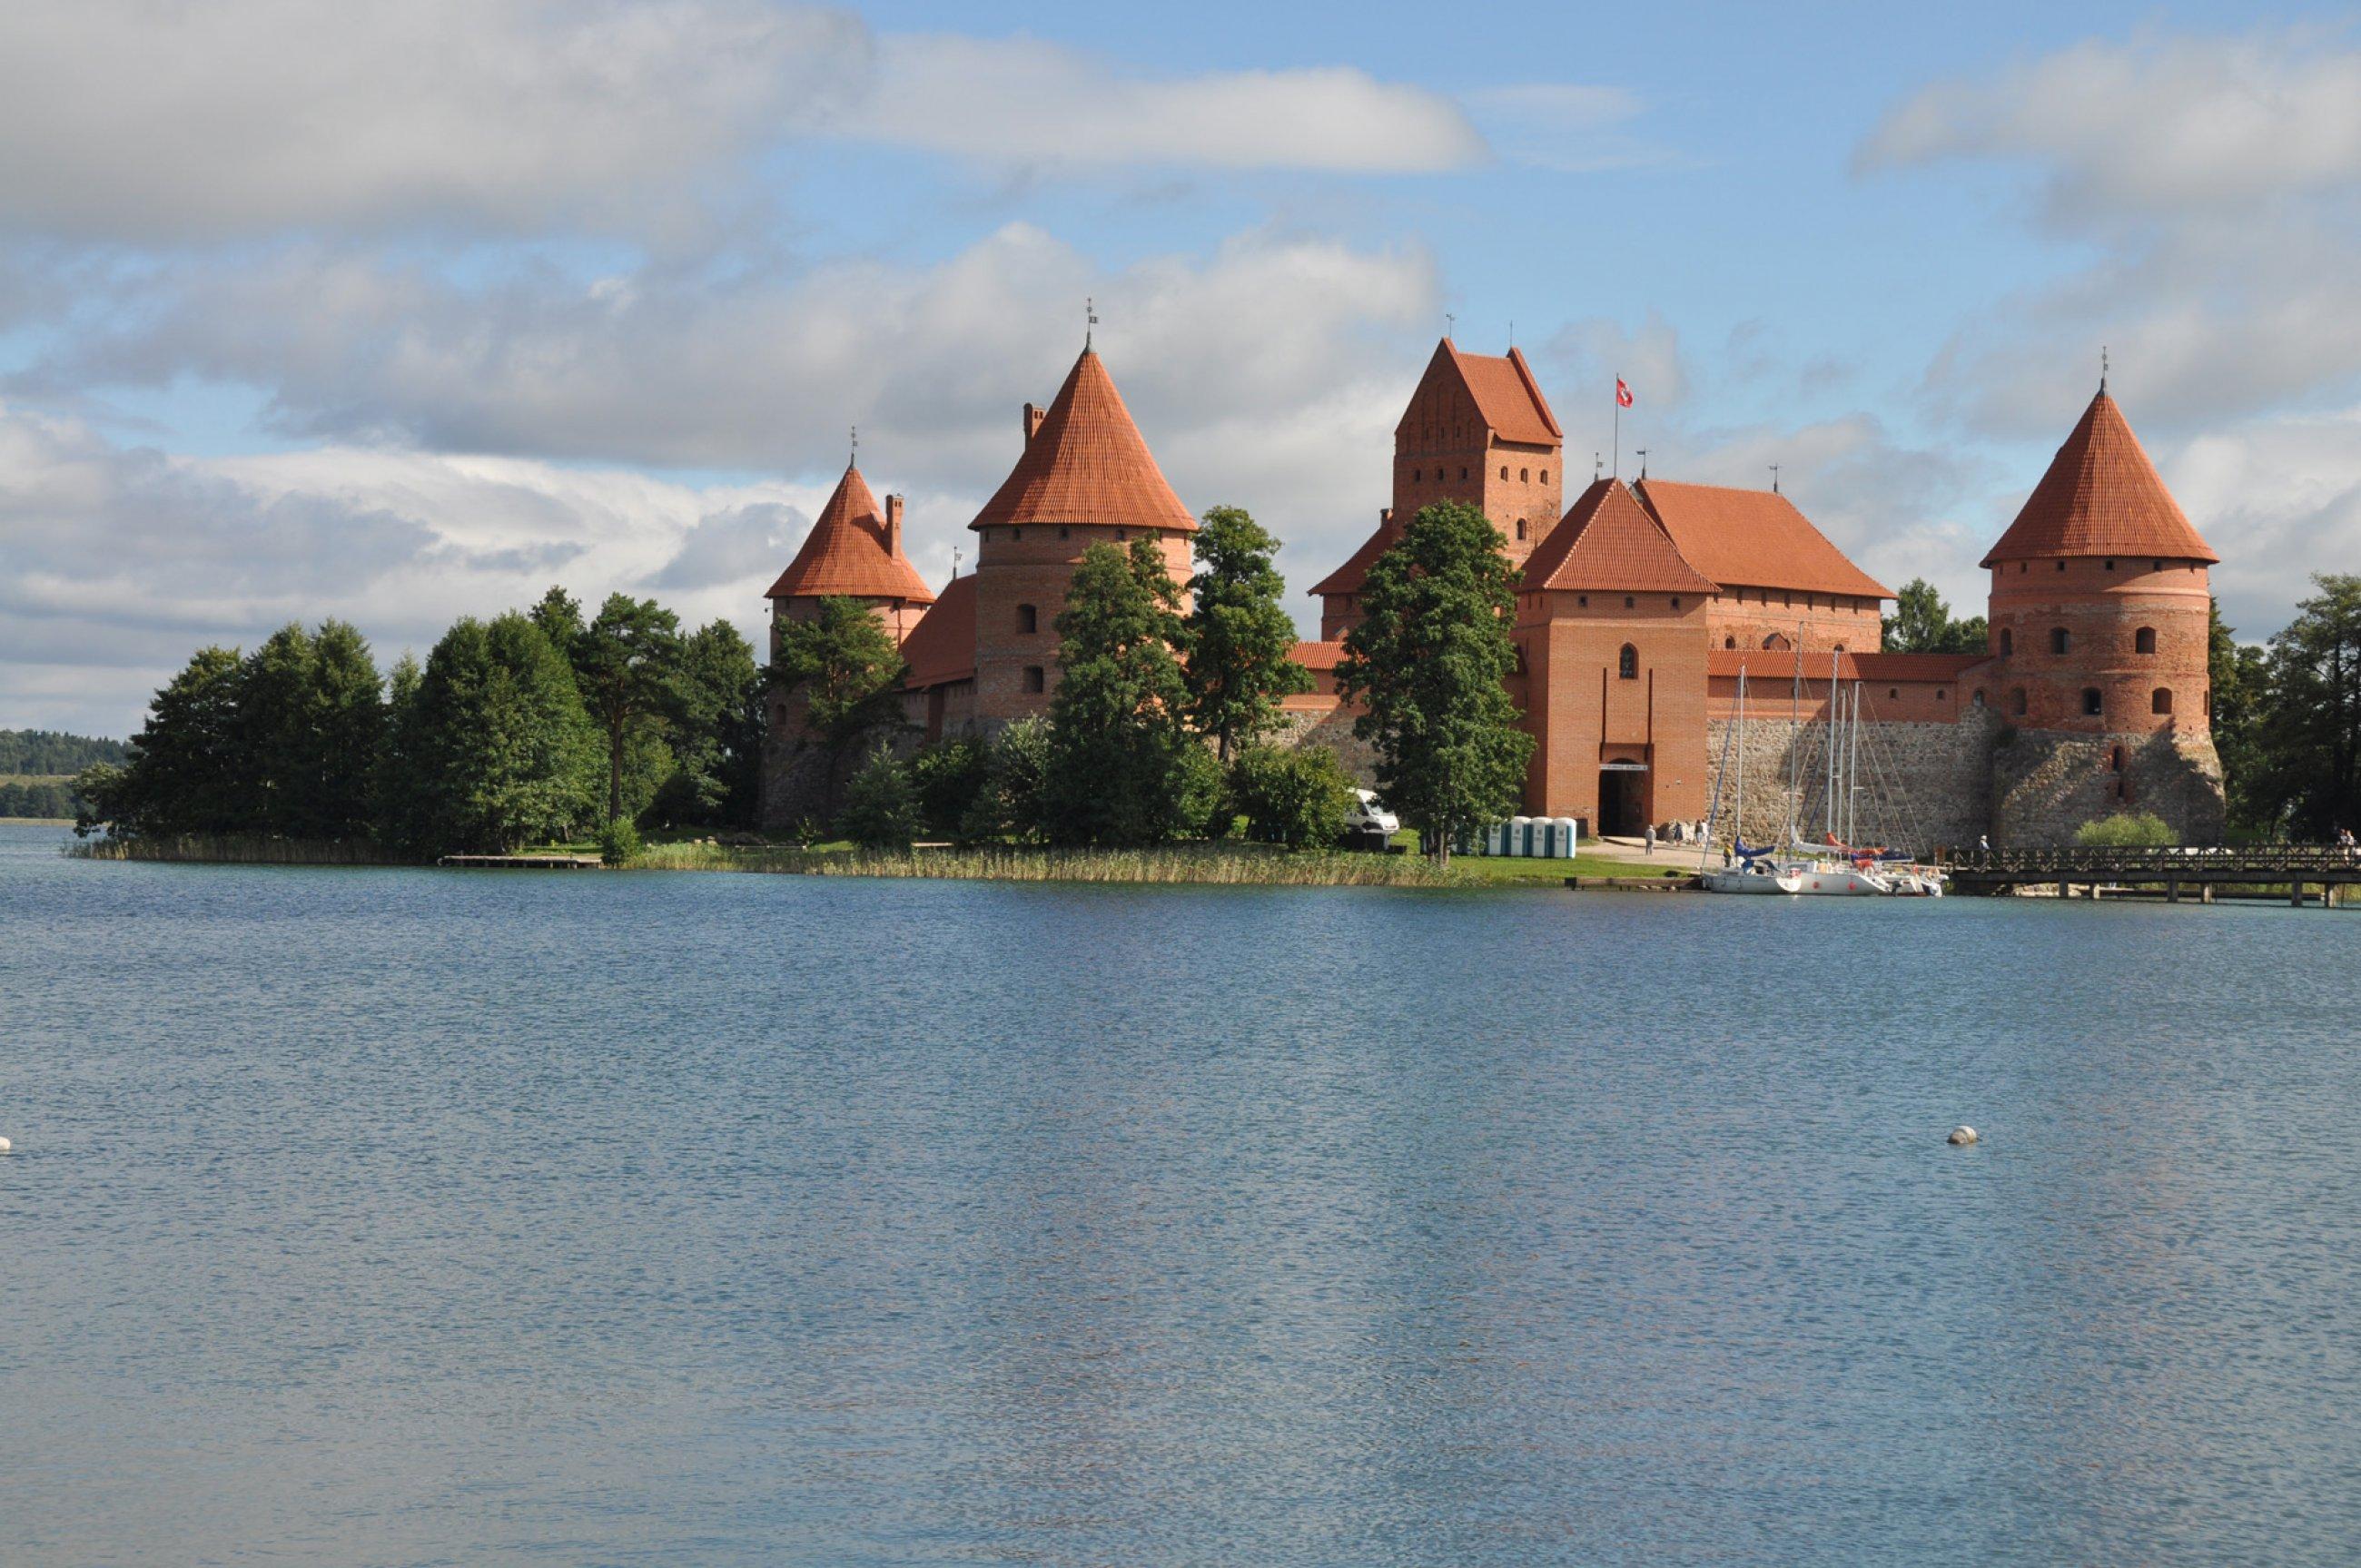 https://bubo.sk/uploads/galleries/7342/litva-hrad-trakaj.jpg